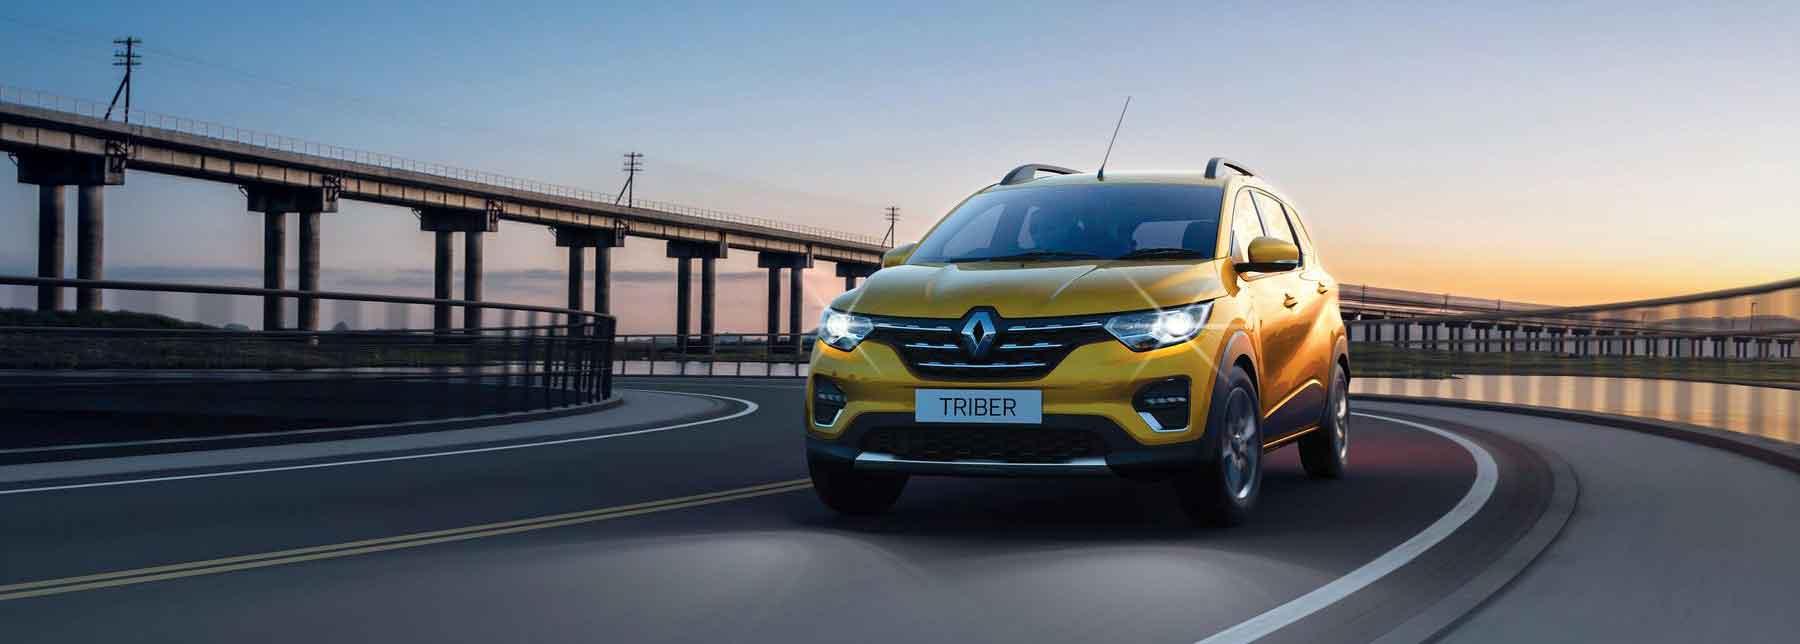 Renault Triber receives updates for 2021